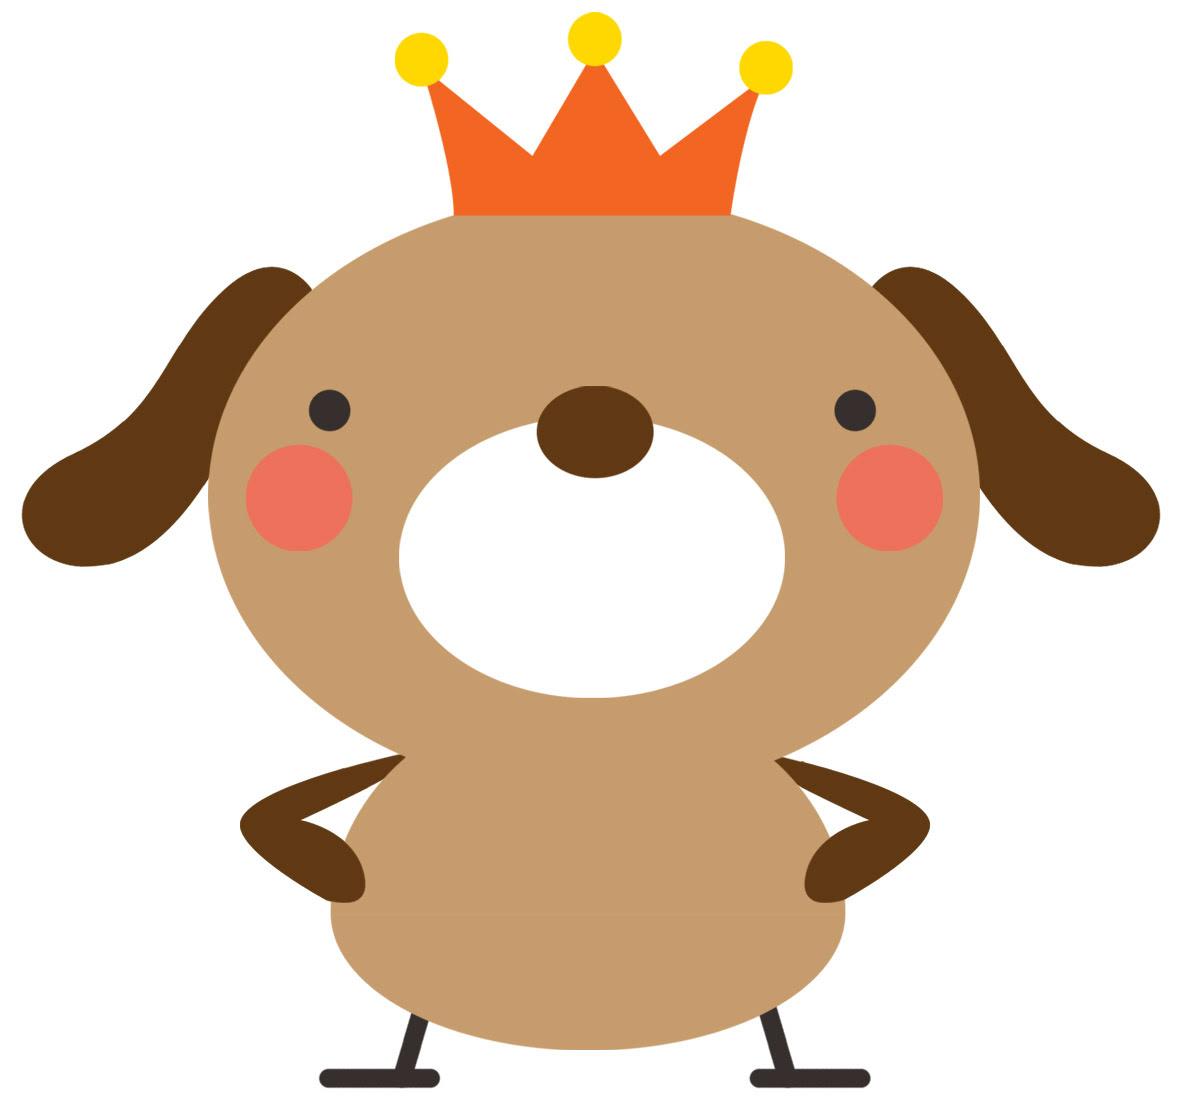 高解像度プリント素材 犬イラストmococo Print 素材可愛らしい犬